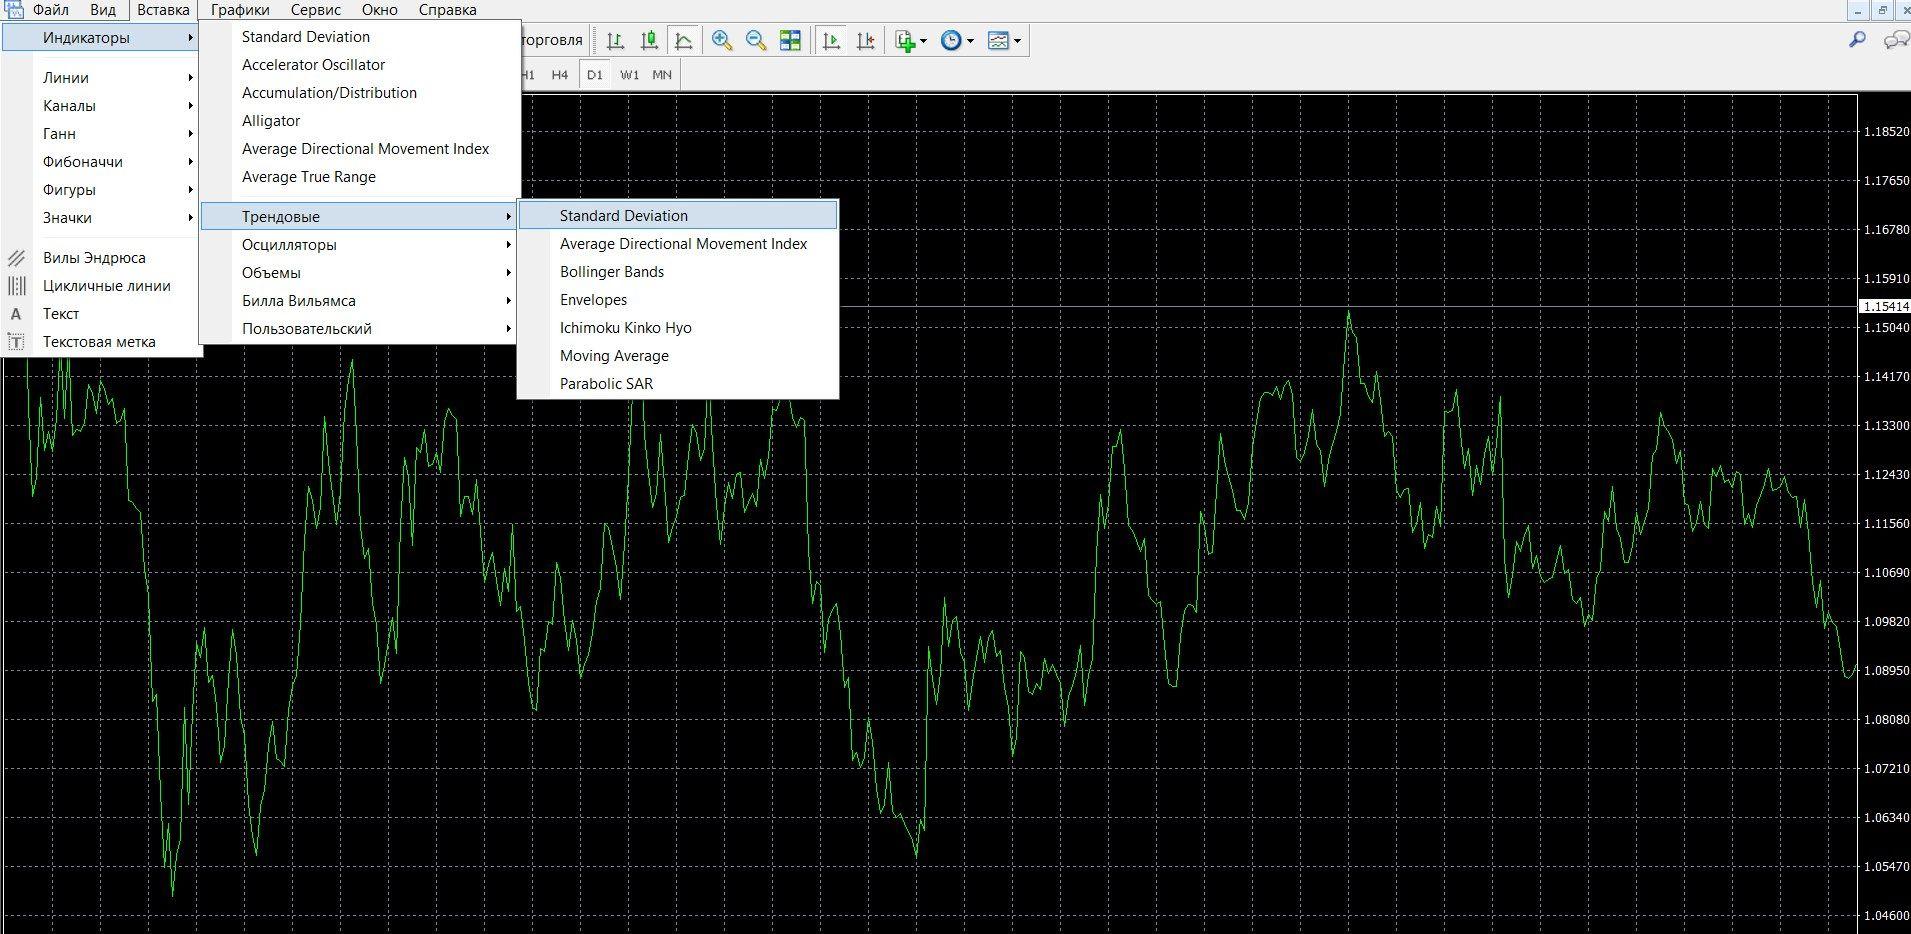 Как добавить индикатор StdDev в Метатрейдер 4?